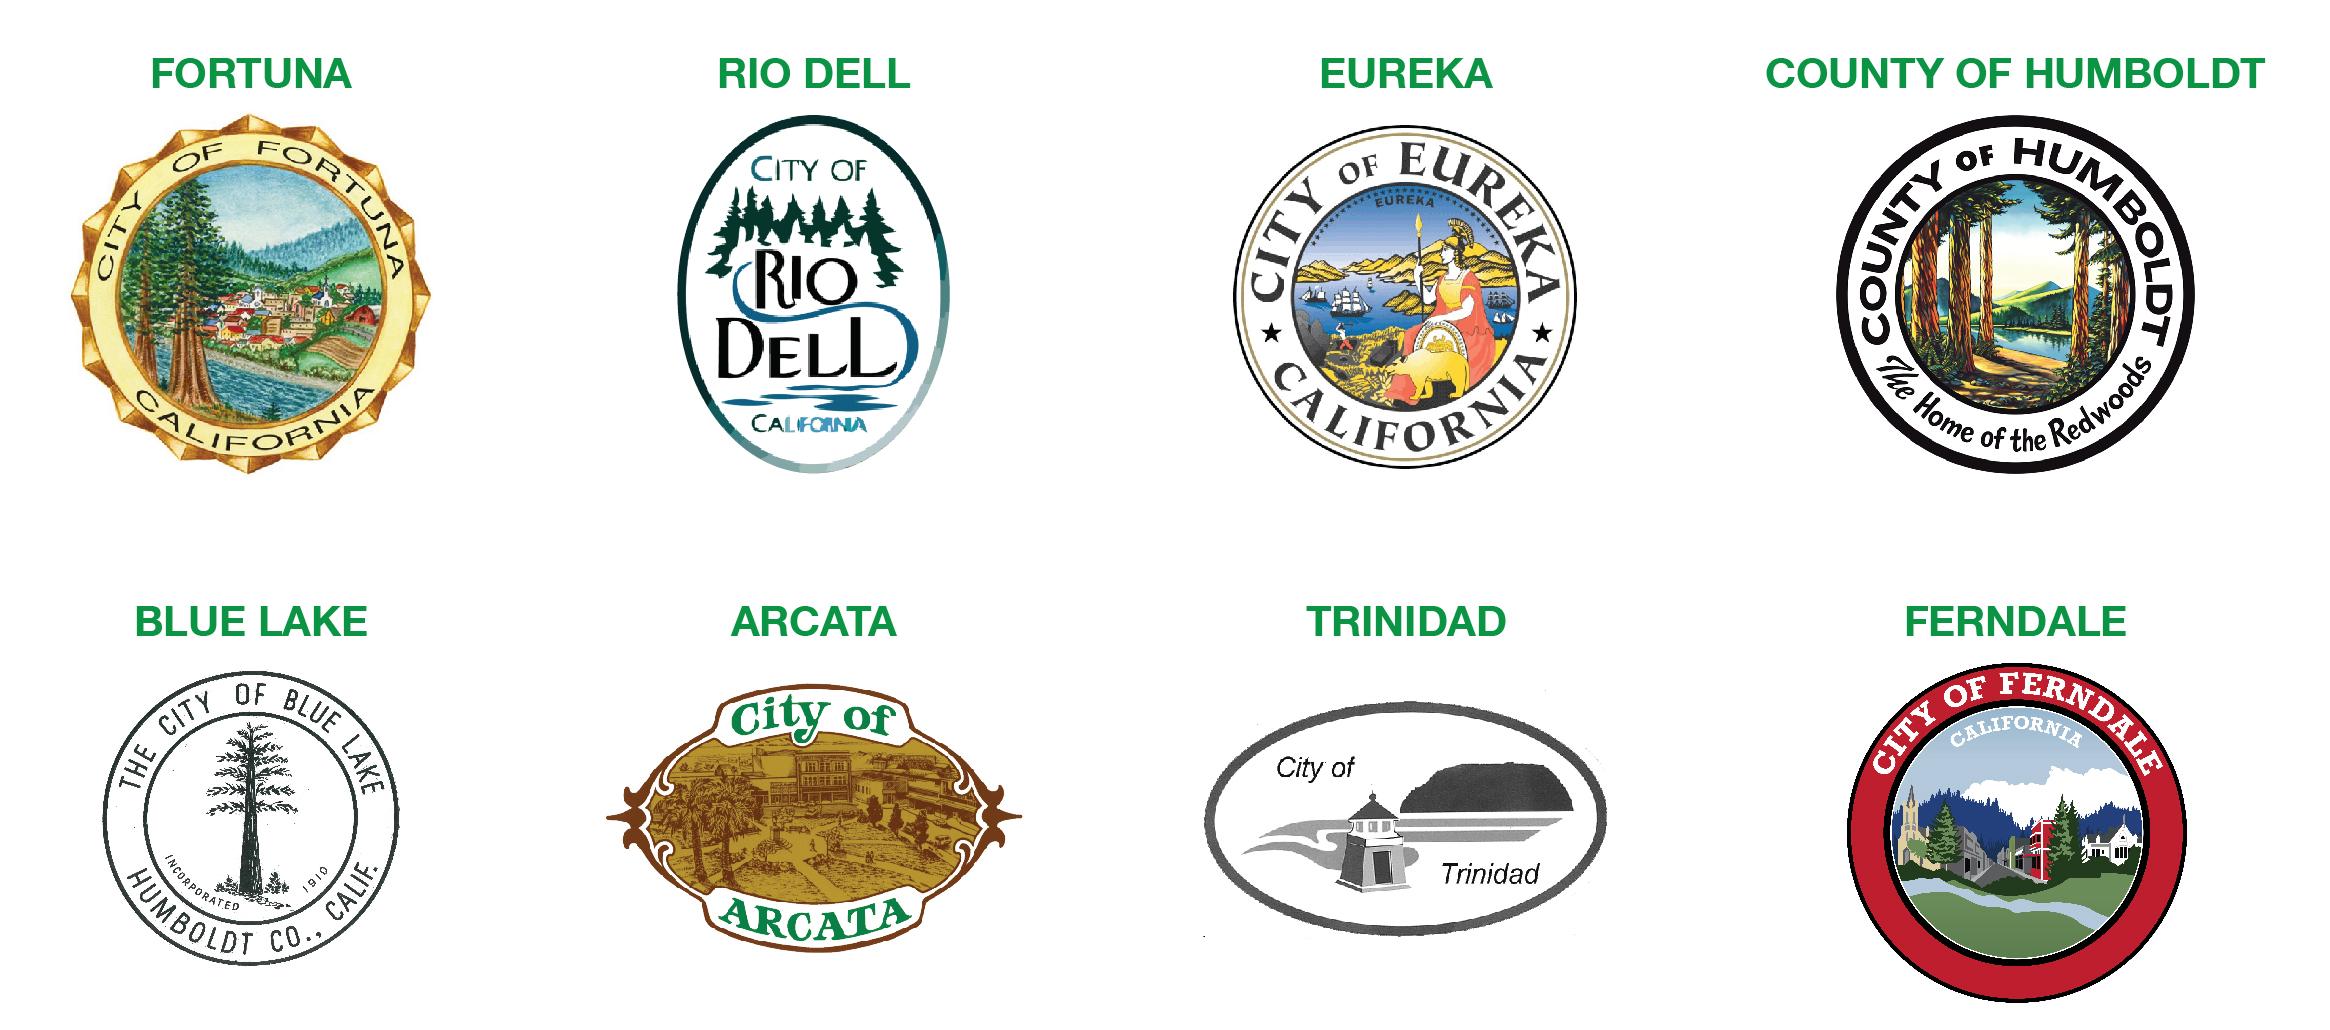 City Seals of Humboldt cities